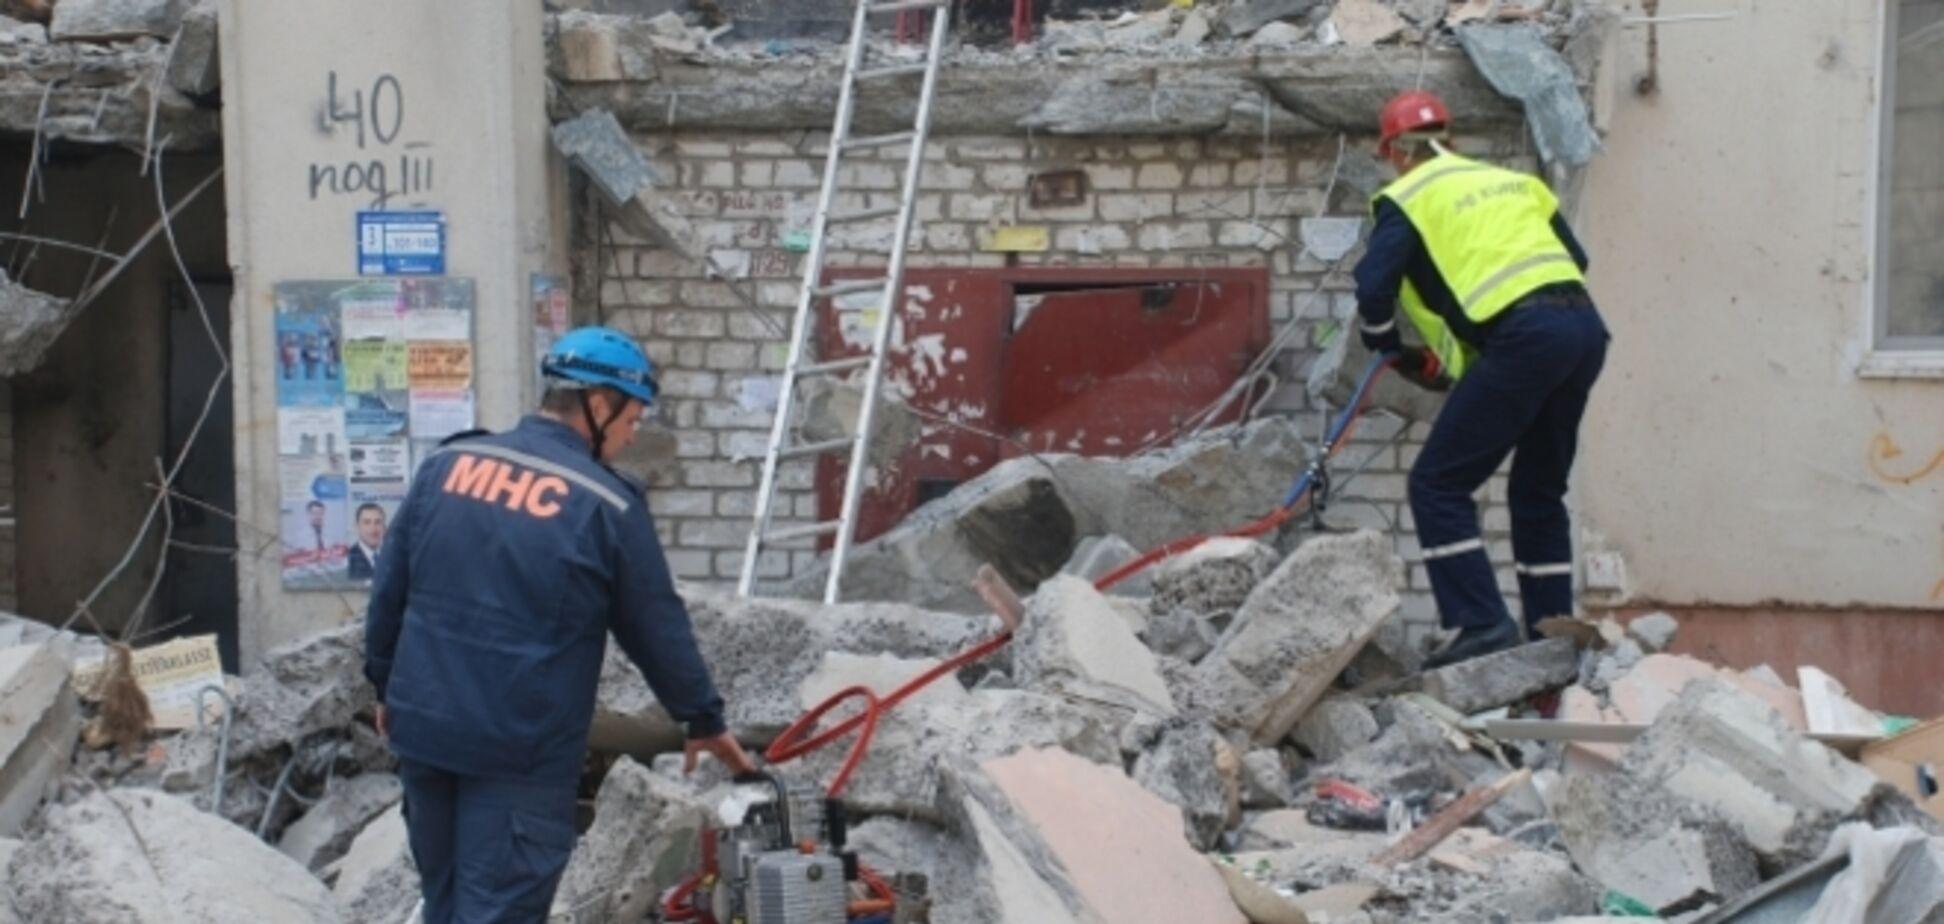 В Николаеве спасатели вытащили четвертую жертву взрыва жилого дома и нашли тело девушки